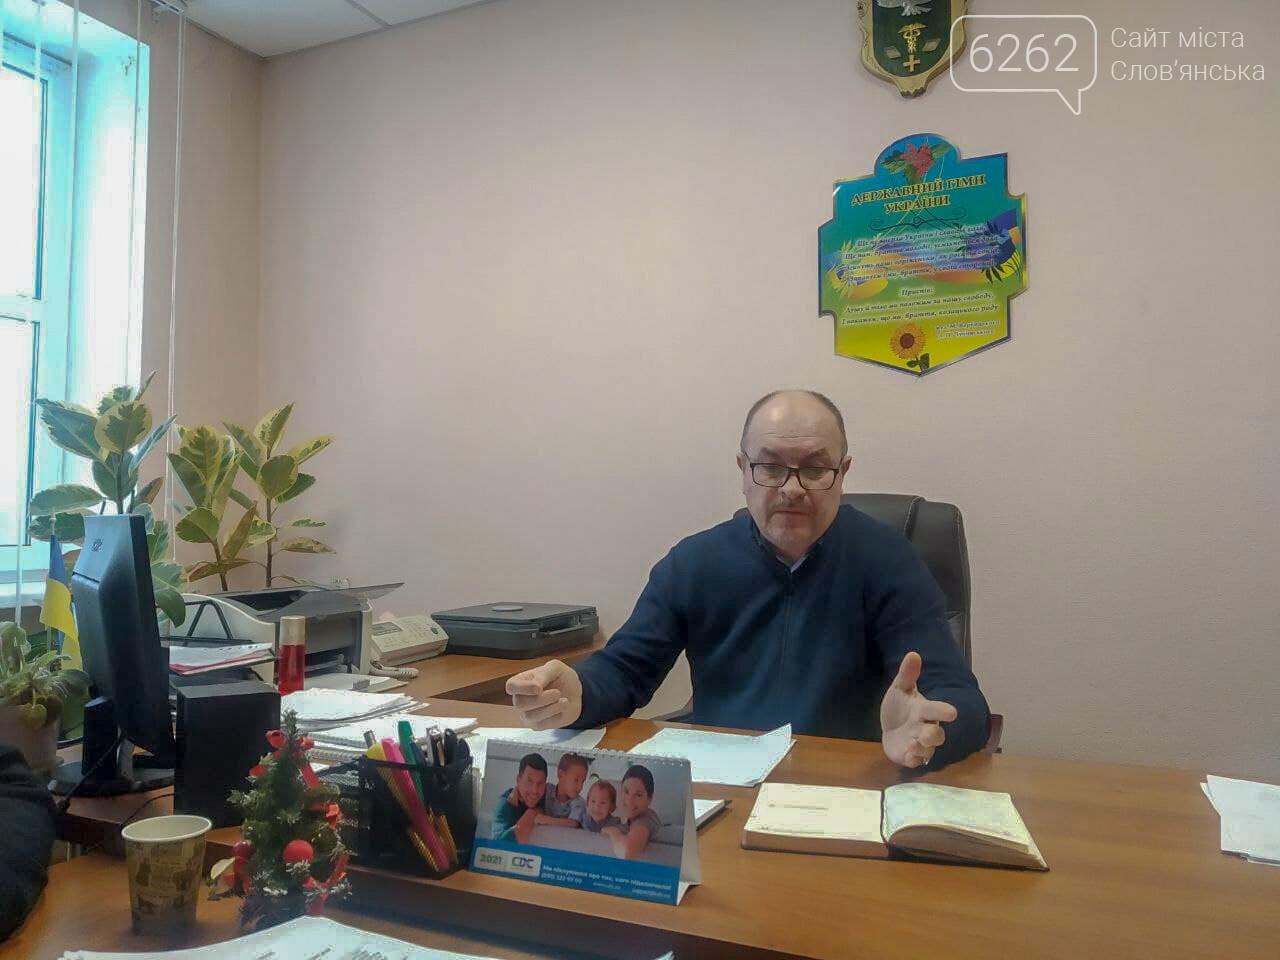 Опалення ЗОШ№11 у Слов'янську: школу не закриватимуть, діти продовжать навчання, фото-1